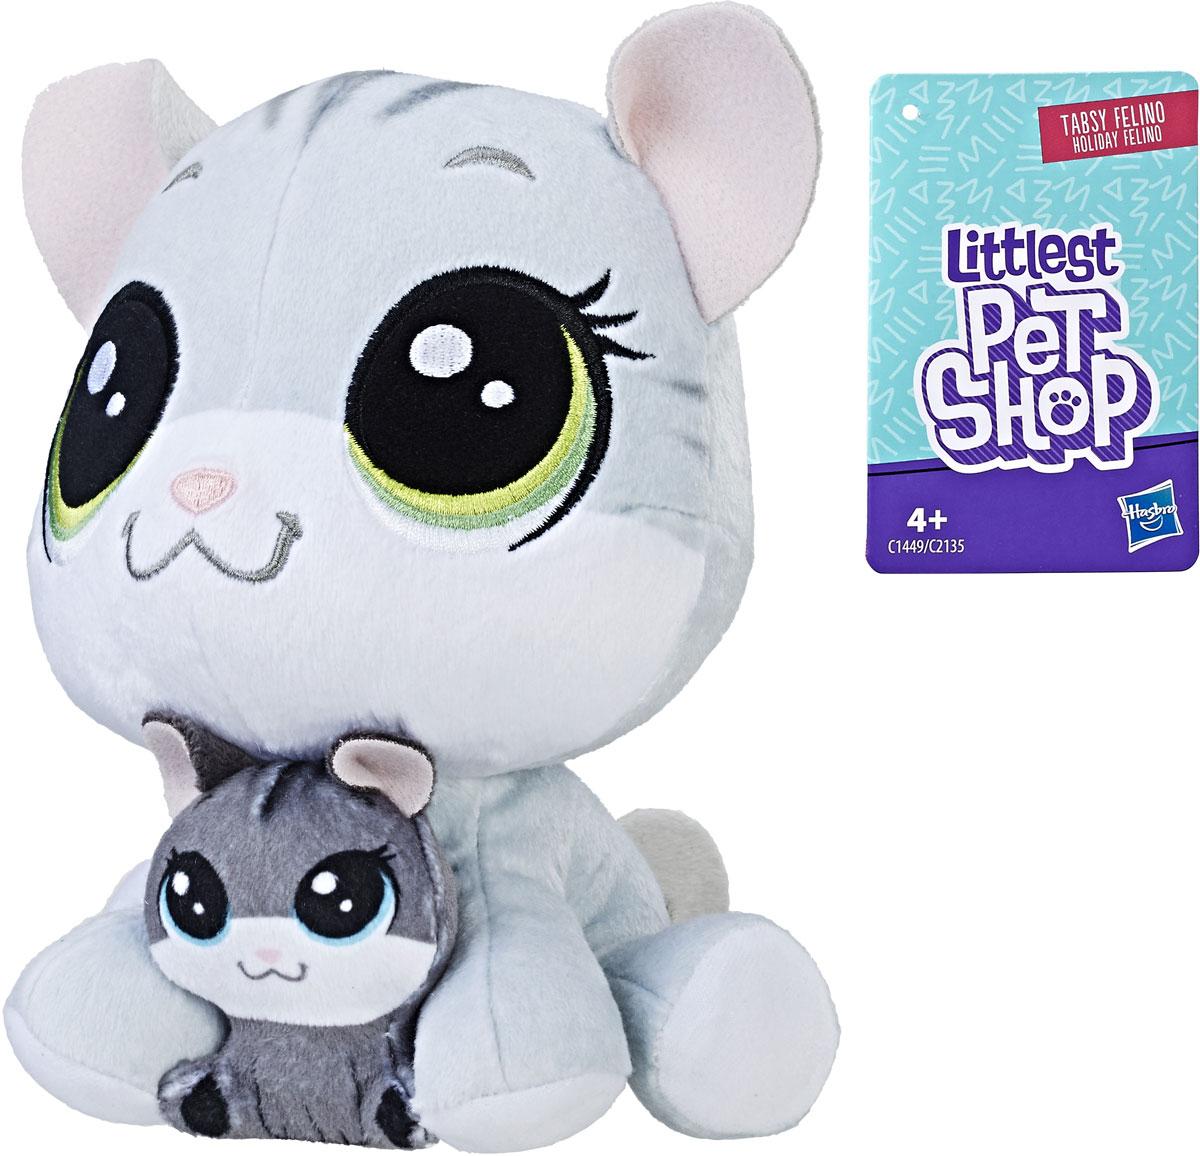 Littlest Pet Shop Мягкая игрушка Пет и его малыш hasbro зверюшка и ее малыш littlest pet shop а7313 b4761